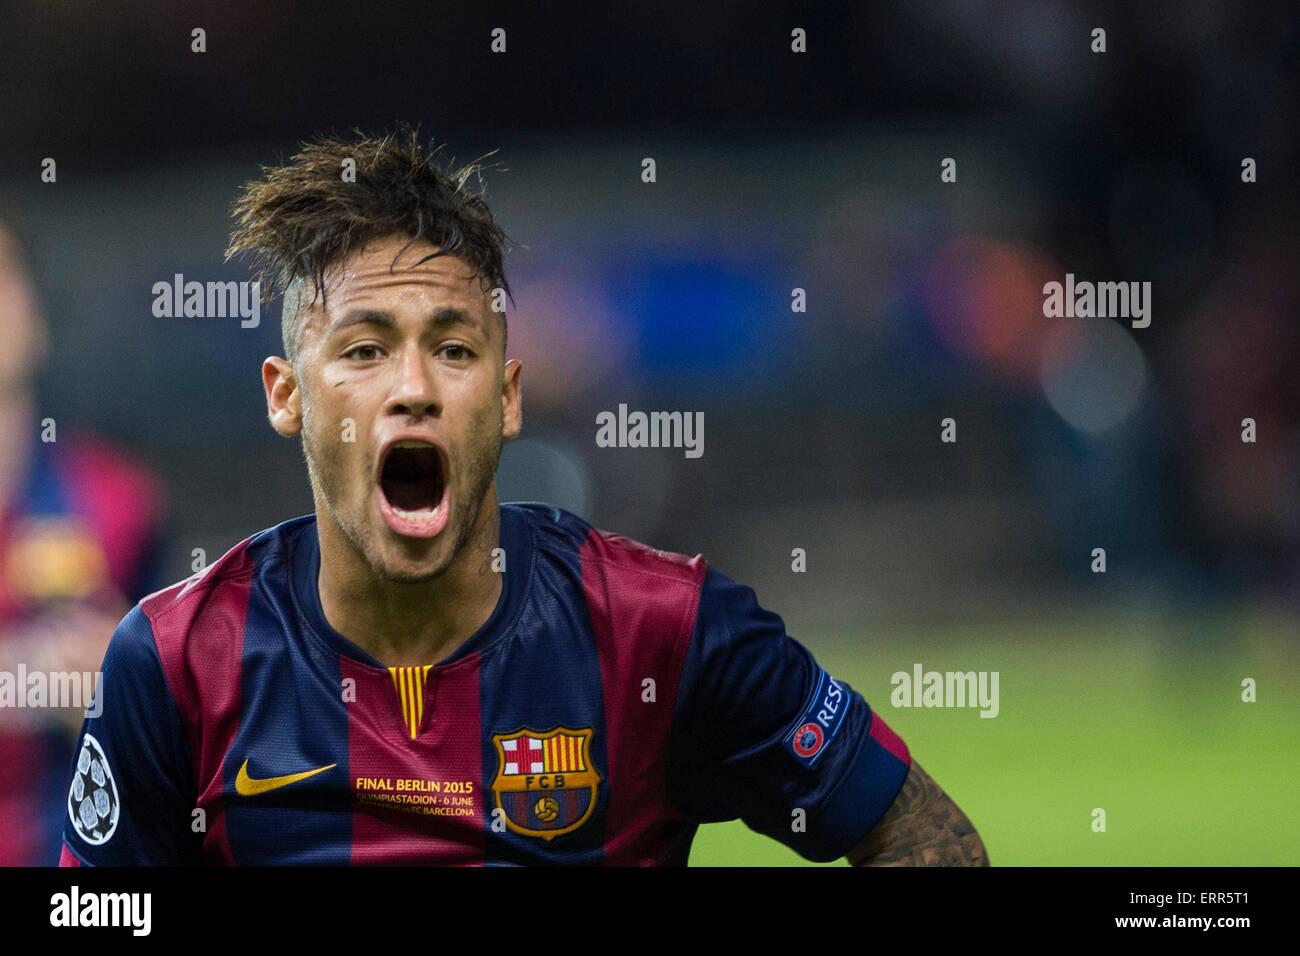 Berlin, Deutschland. 6. Juni 2015. Fußball/Fußball Neymar (Barcelona): Neymar von Barcelona feiert nach Stockbild